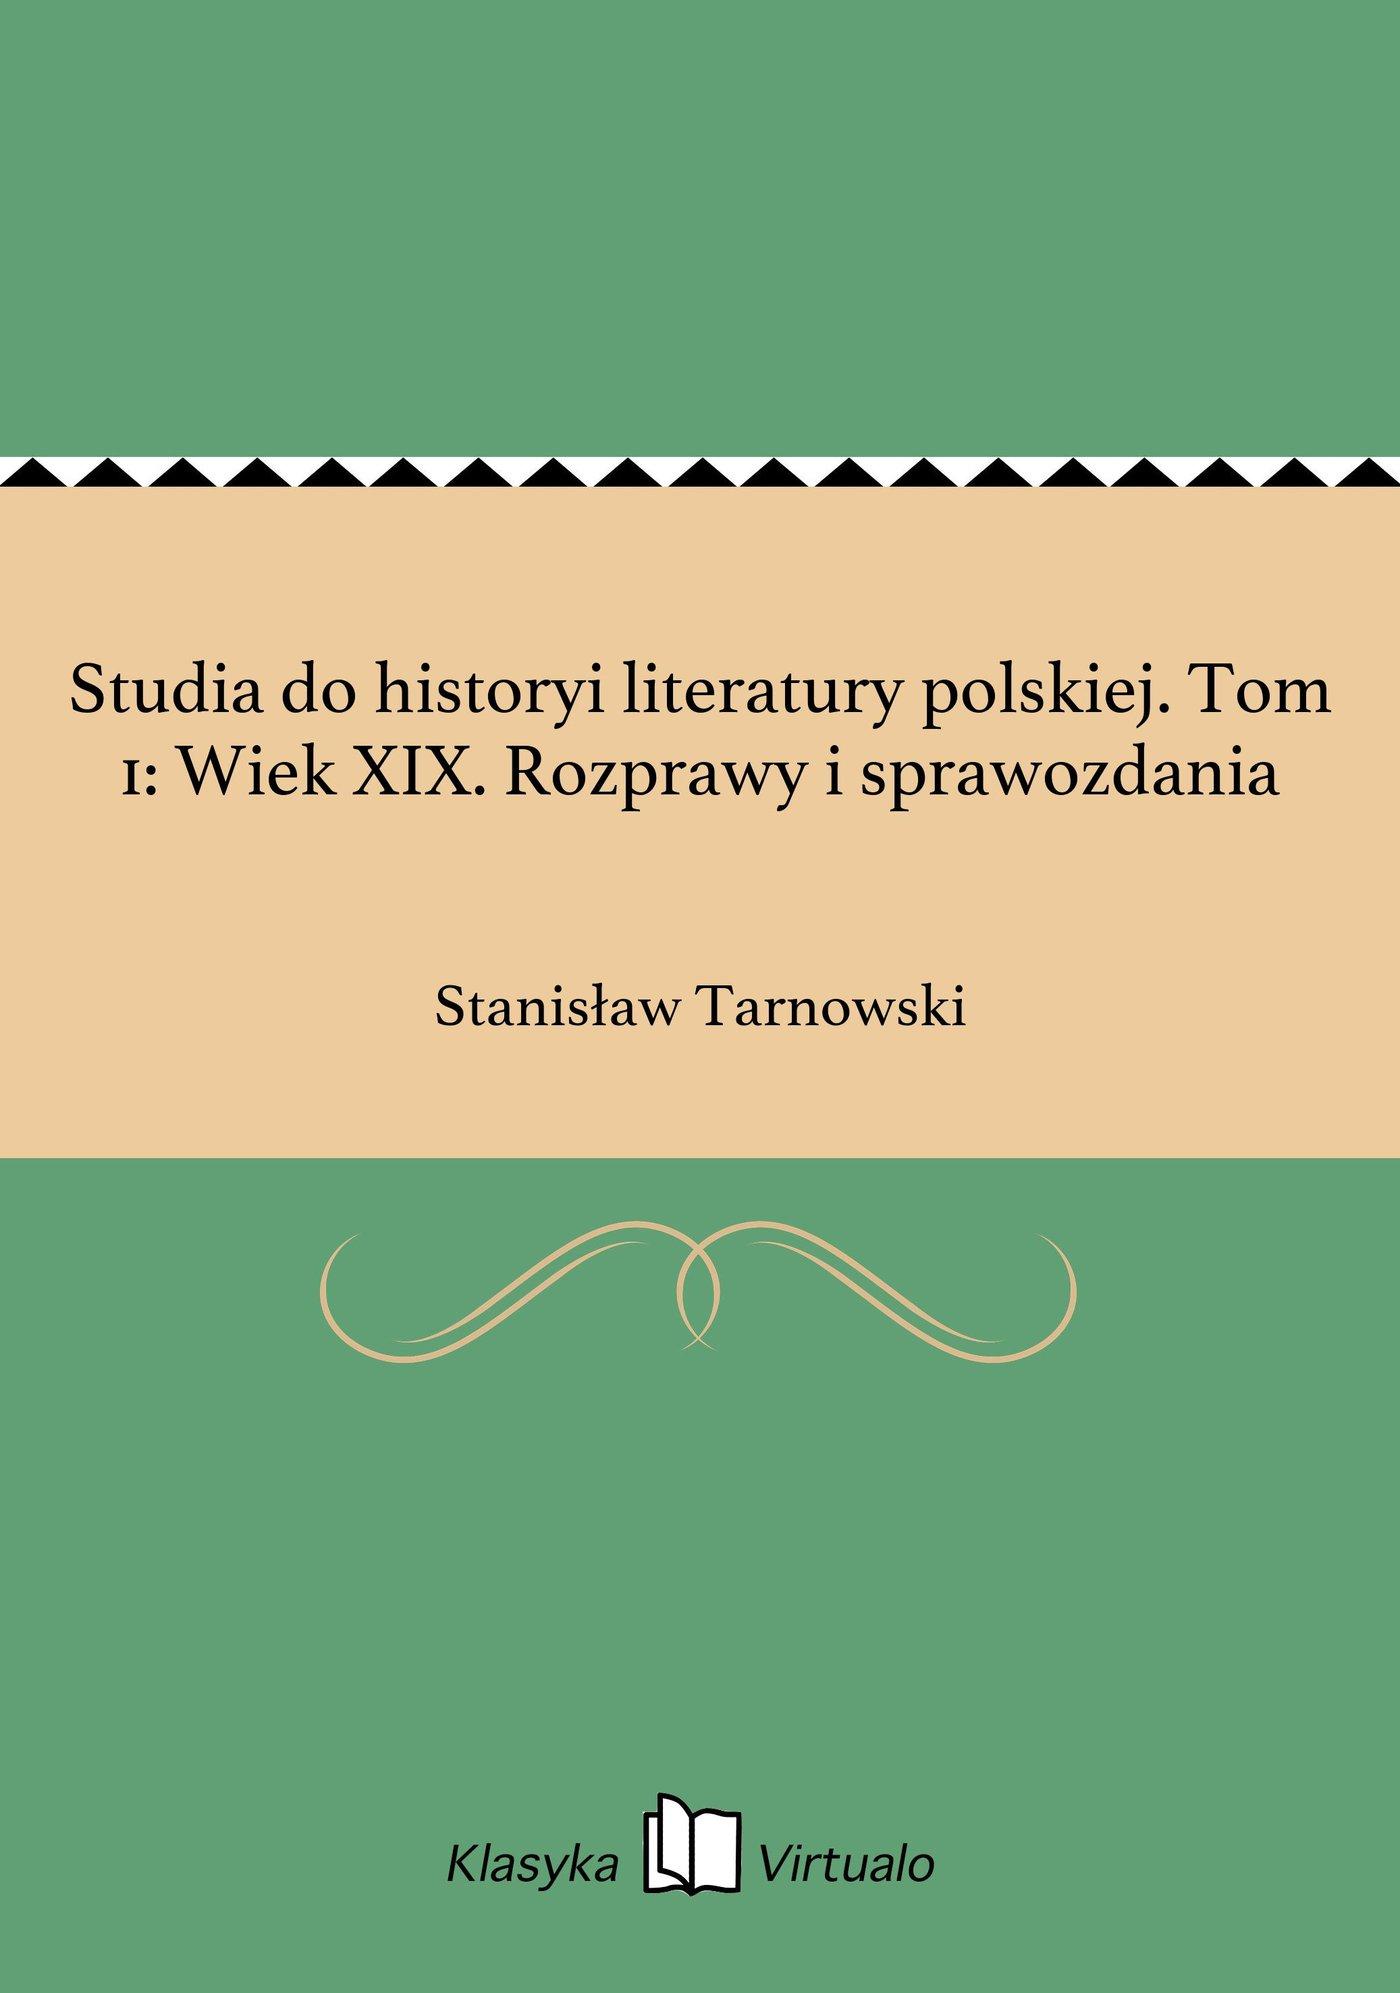 Studia do historyi literatury polskiej. Tom 1: Wiek XIX. Rozprawy i sprawozdania - Ebook (Książka EPUB) do pobrania w formacie EPUB